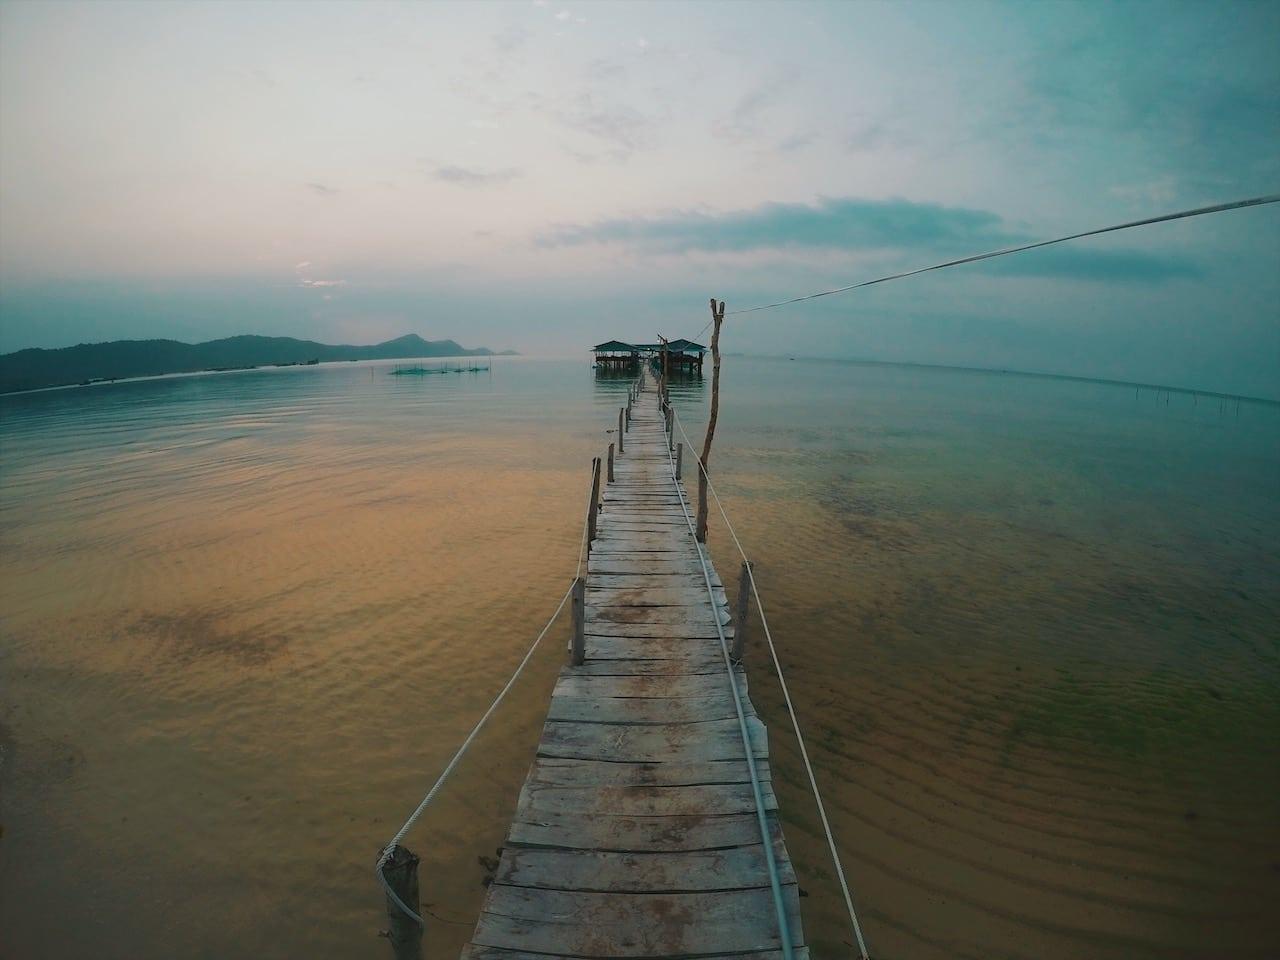 starfish beach, plaża rozgwiazd ciekawe miejsca na wyspa phu quoc wietnam neverendingtravel.pl, pomost, morze